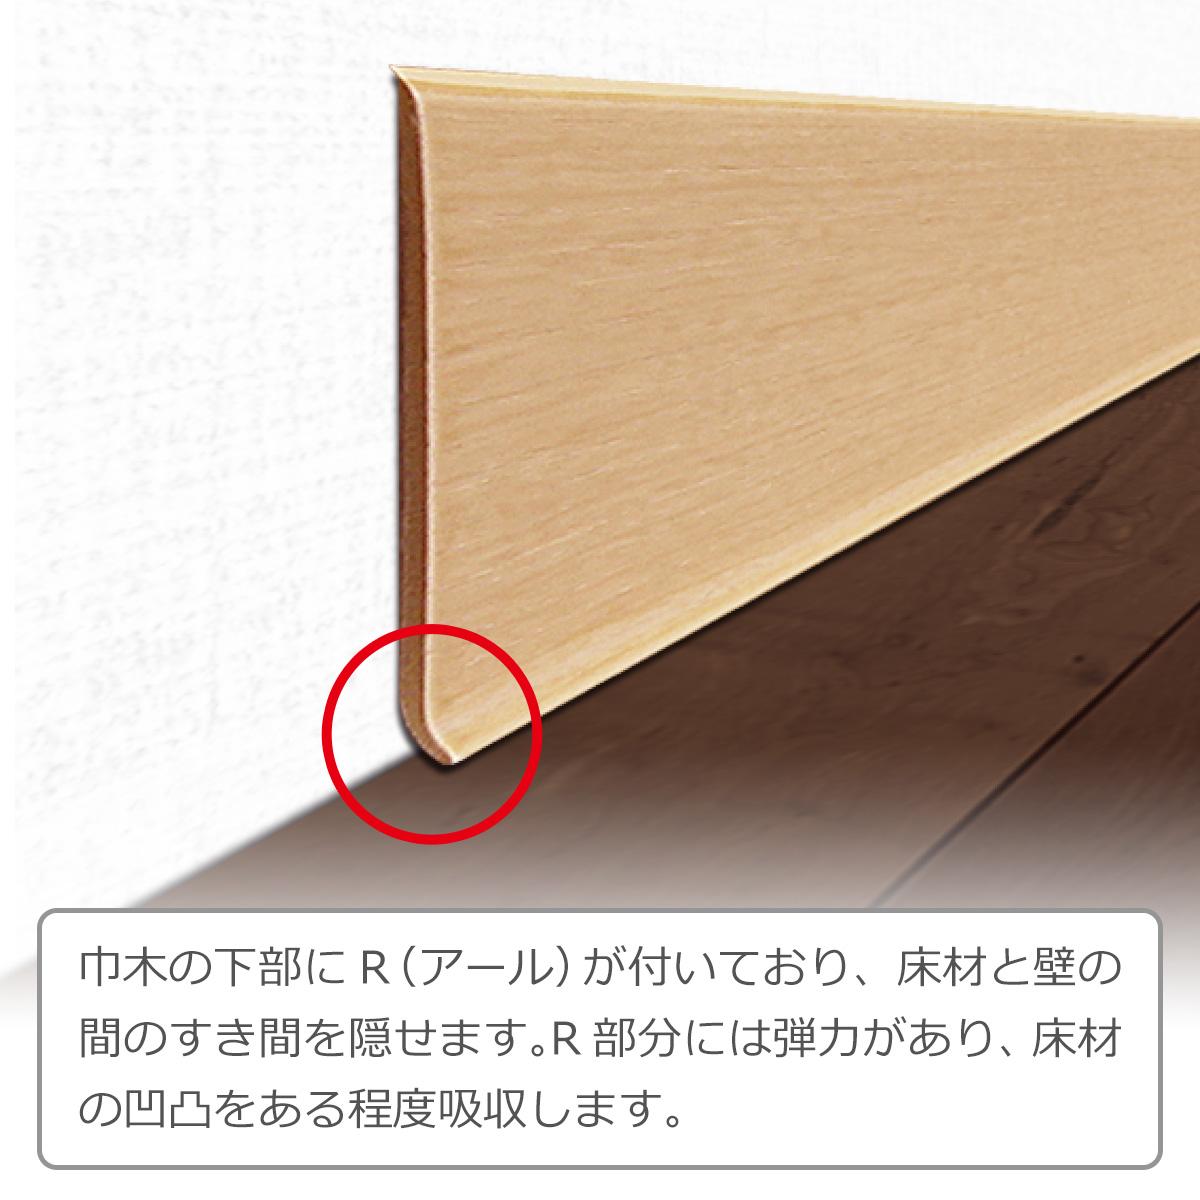 巾木の下部にアールが付いており、床材と壁の間のすき間を隠せます。R部分には弾力があり、床材の凹凸をある程度吸収します。